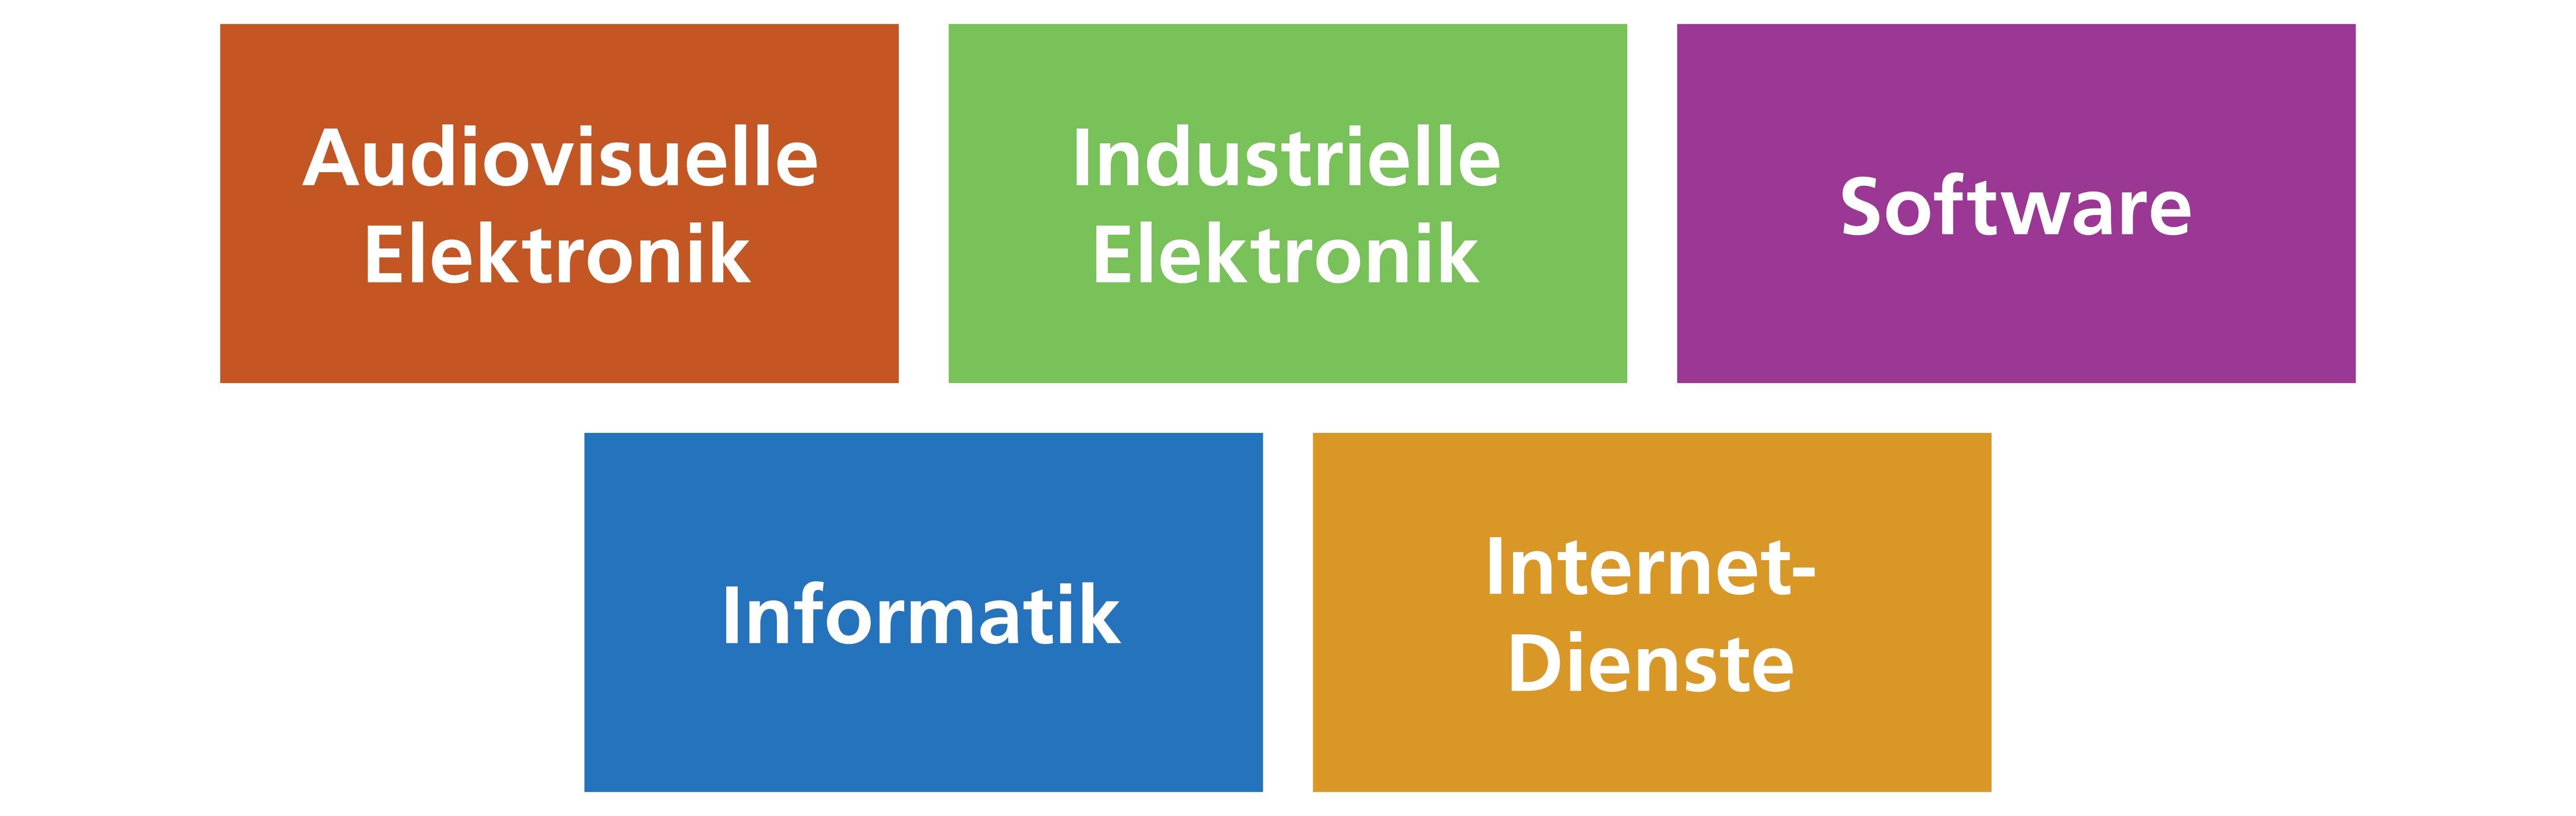 Gemütlich Software Zum Zeichnen Von Elektronik Galerie - Die Besten ...